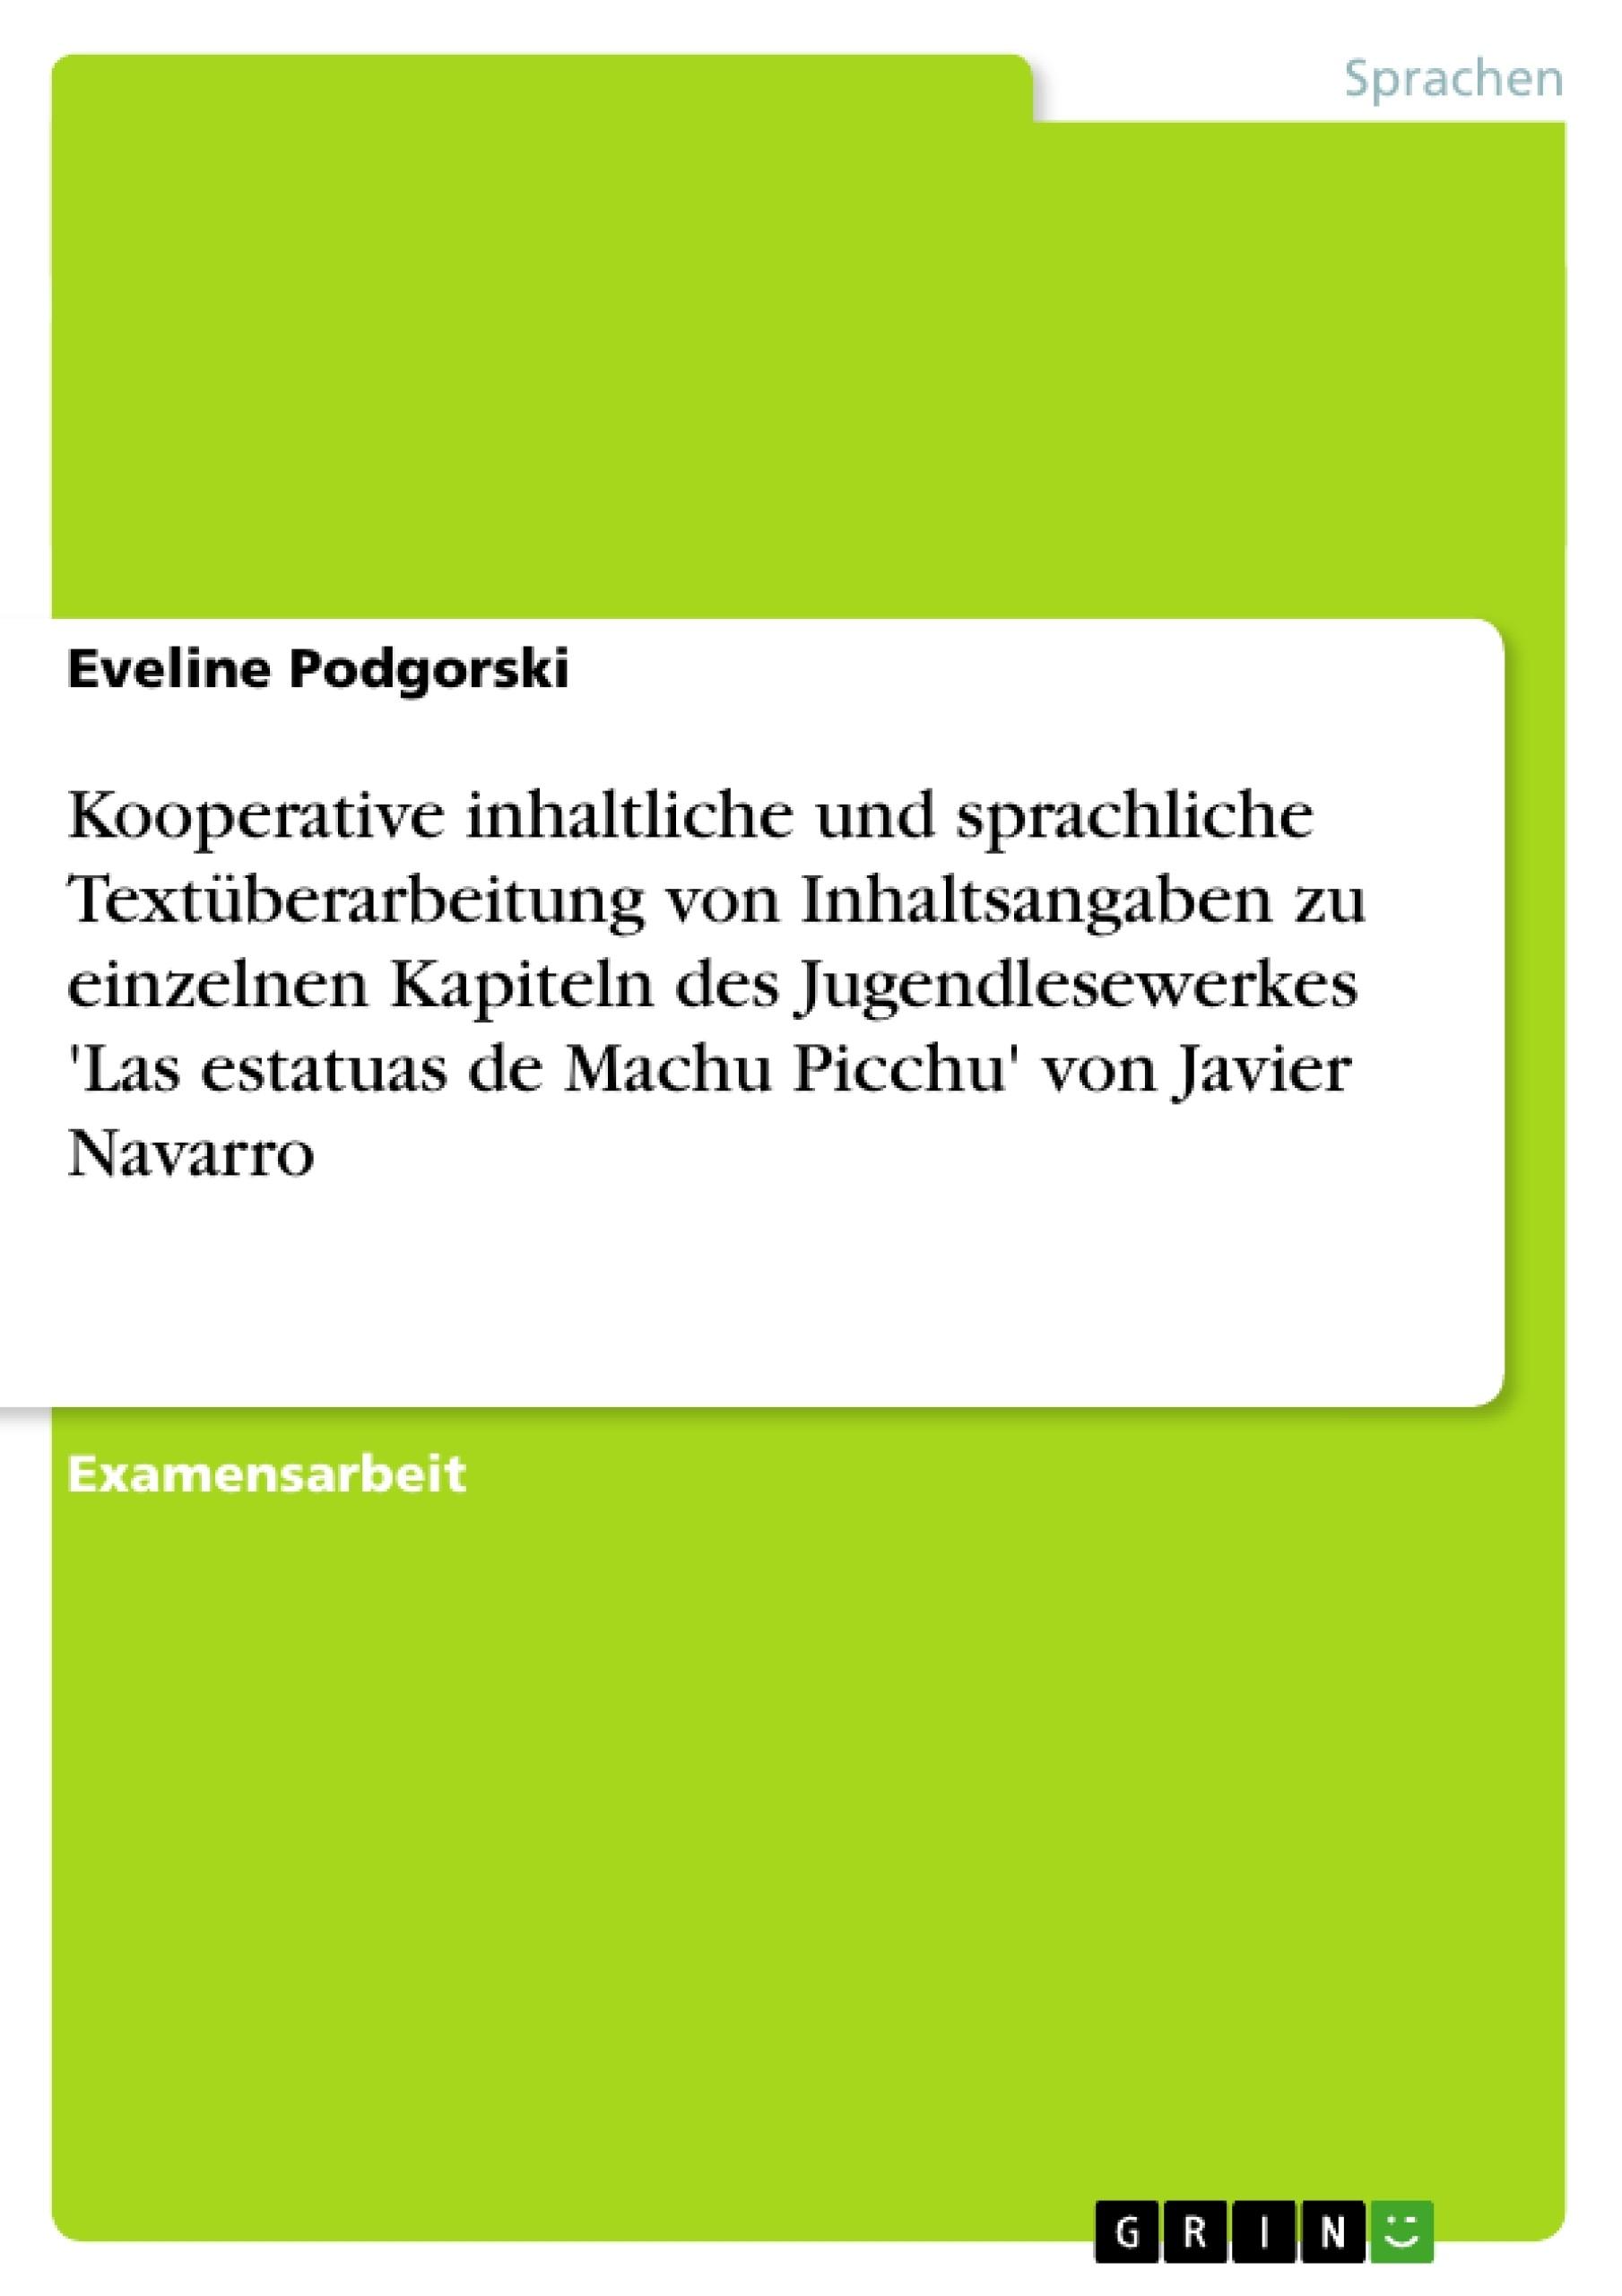 Titel: Kooperative inhaltliche und sprachliche Textüberarbeitung von Inhaltsangaben zu einzelnen Kapiteln des Jugendlesewerkes 'Las estatuas de Machu Picchu' von Javier Navarro